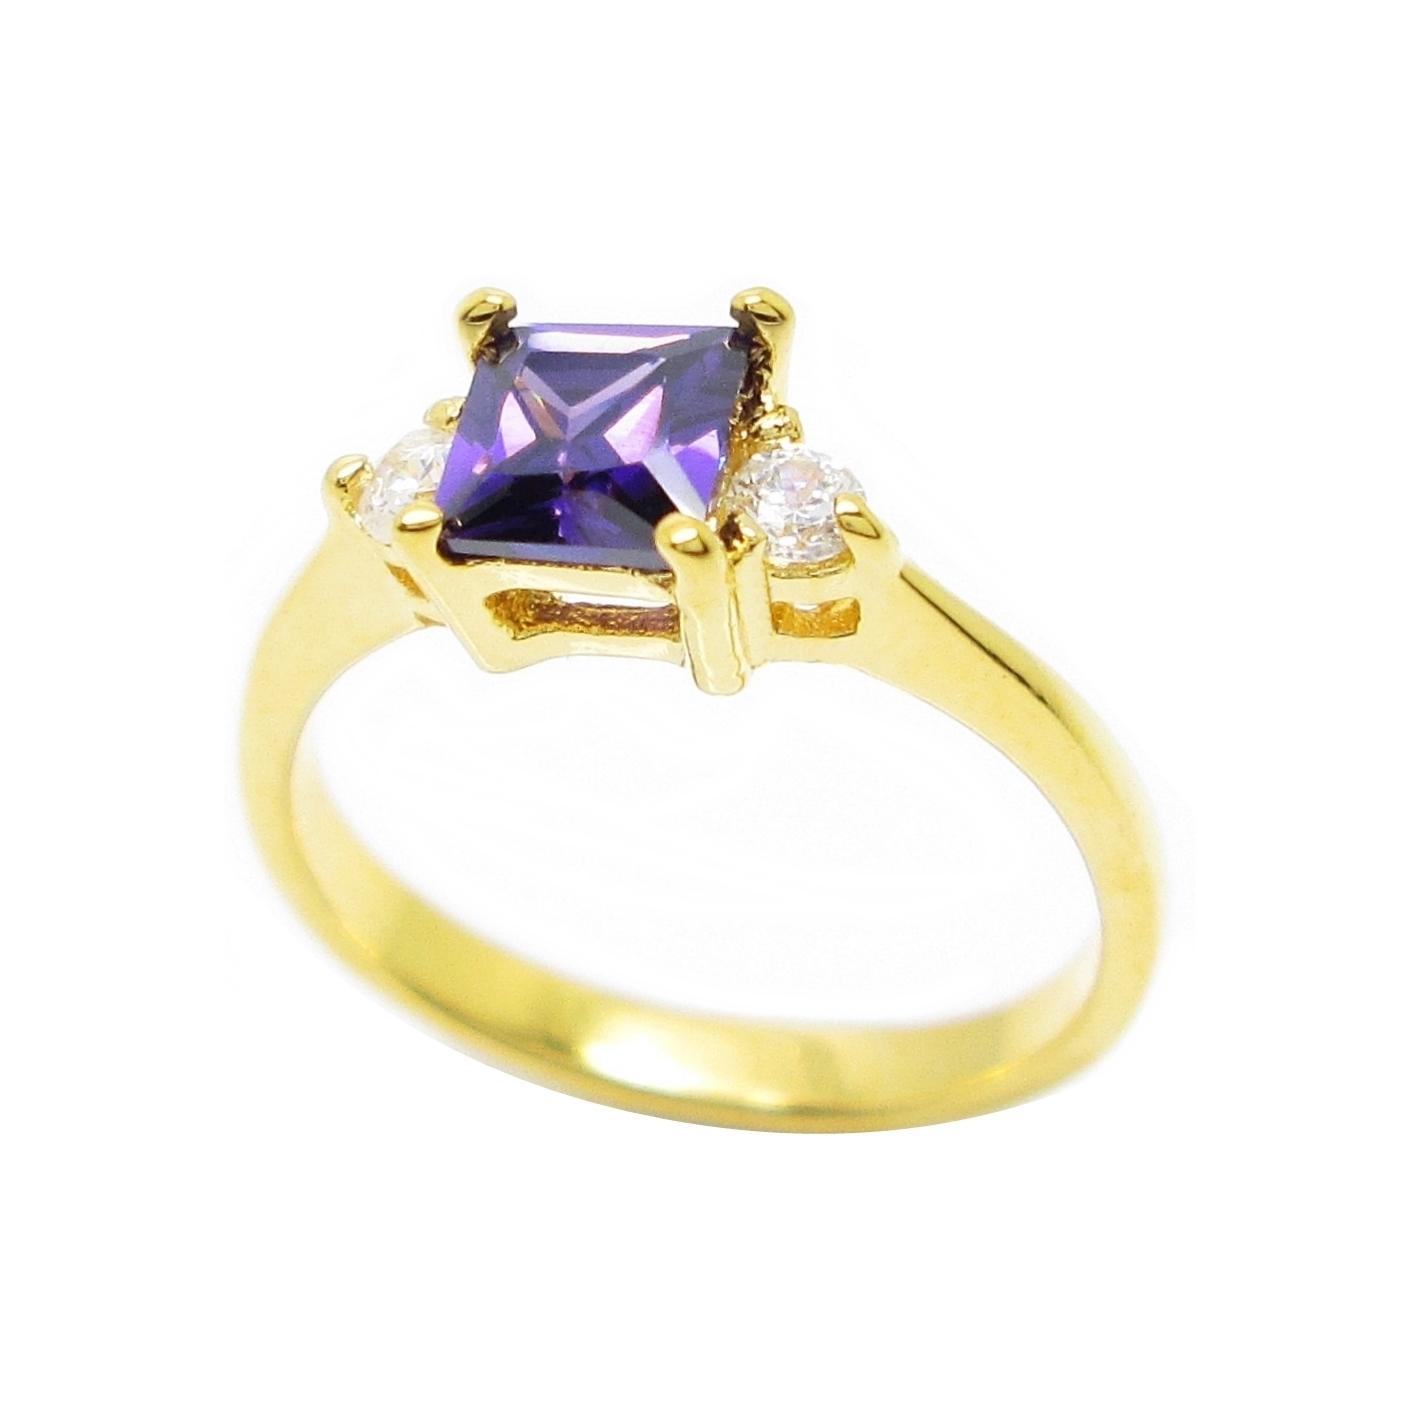 แหวนพลอยสี่เหลี่ยมอเมทิสประดับเพชรชุบทอง